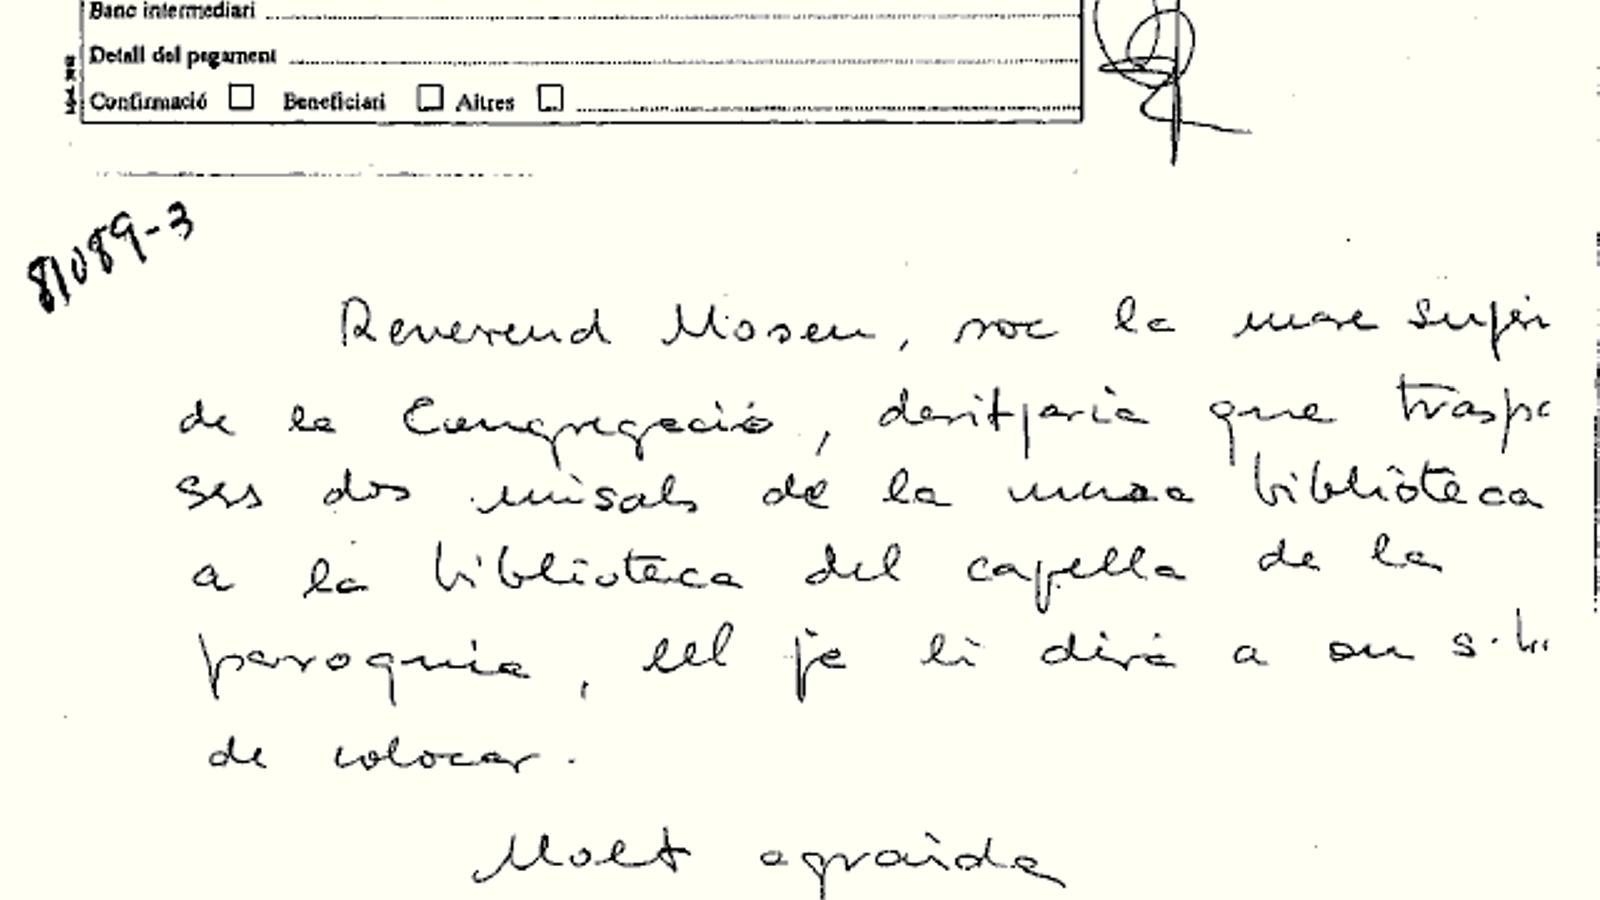 """""""Sóc la mare superiora, traspassi dos missals"""": el llenguatge en clau de Ferrusola per moure diners a Andorra"""